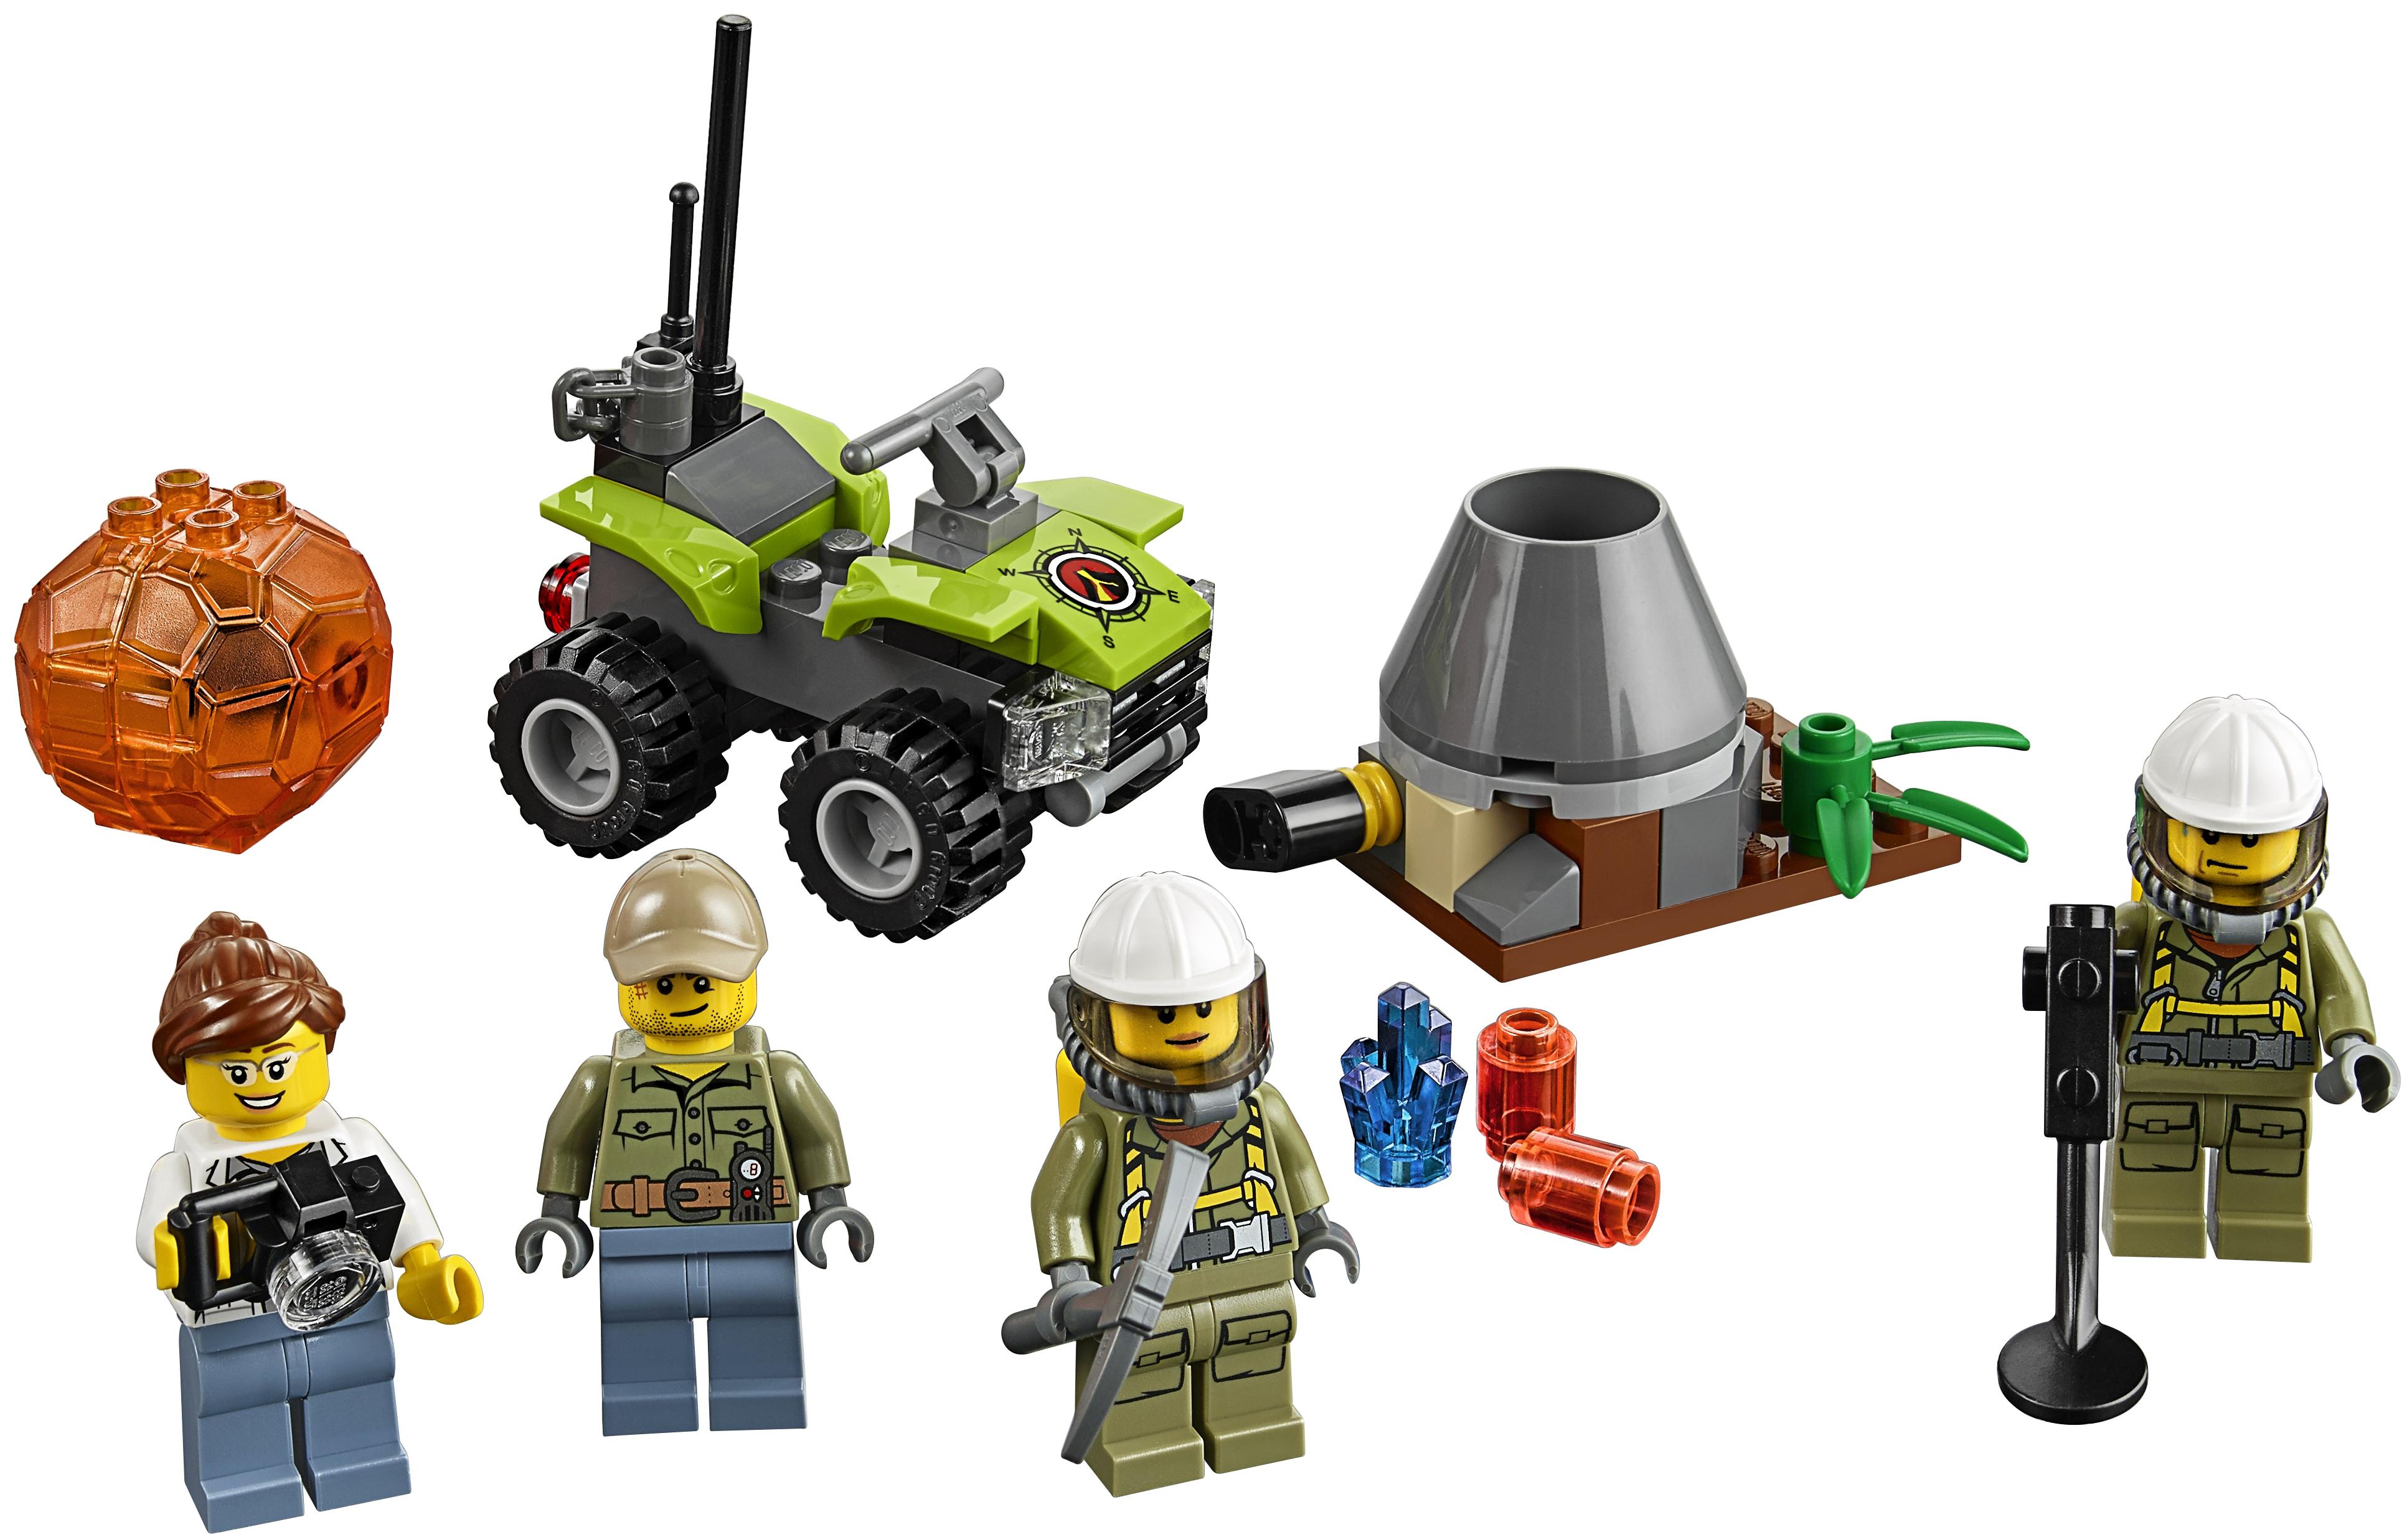 Конструктор LEGO LEGO City Исследователи Вулканов конструктор lego вездеход исследователей вулканов 60122